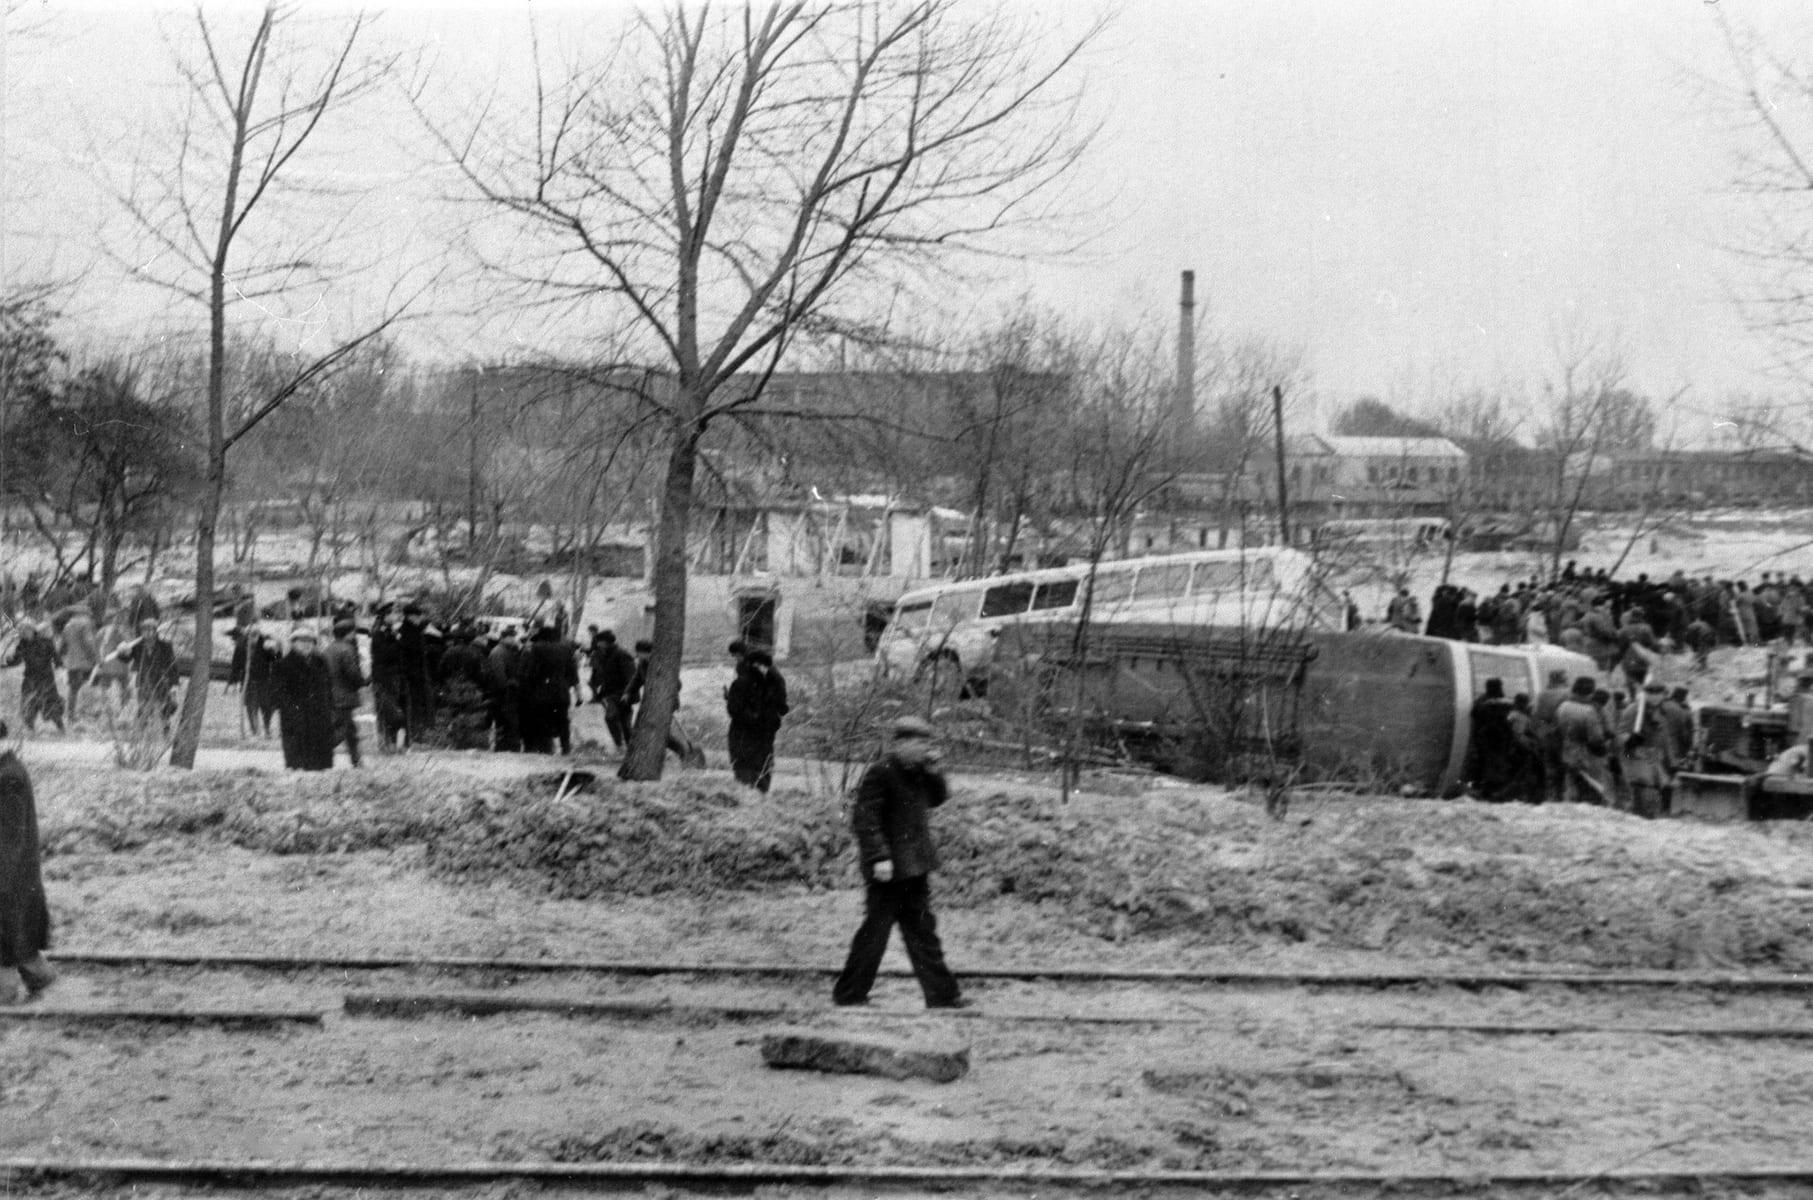 3 8 - <b>Простір забуття.</b> Як змінювався Бабин Яр під впливом радянської влади - Заборона